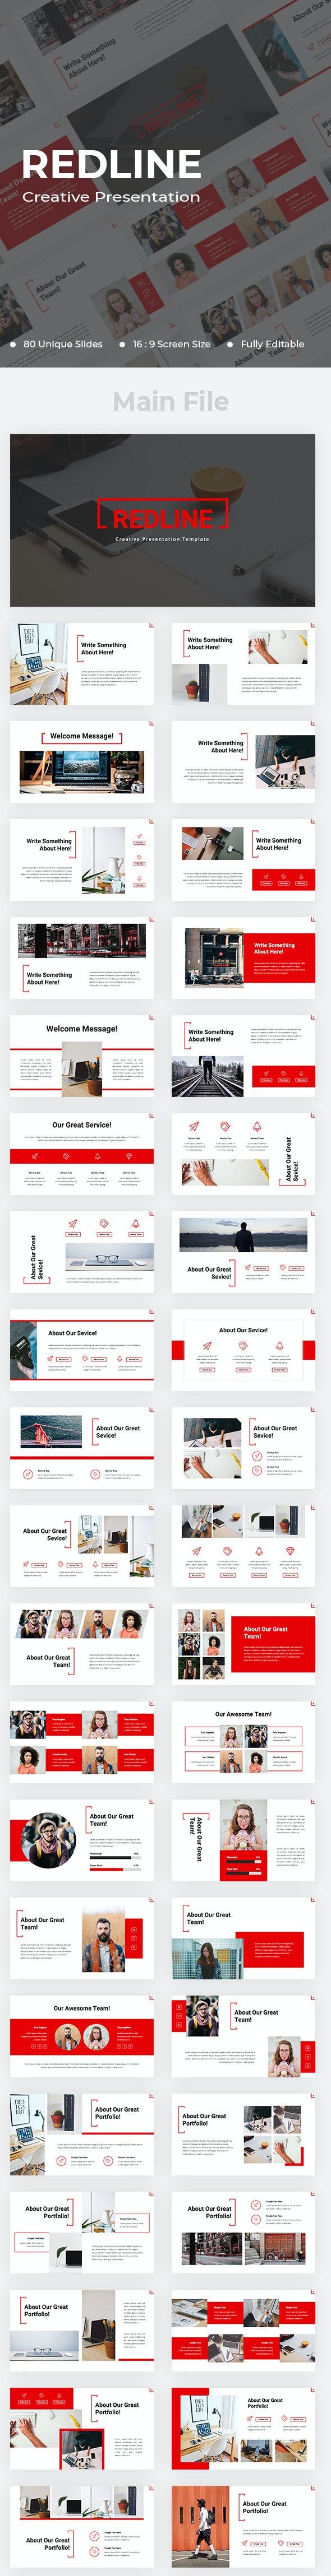 Redline Creative Google Slides - Google Slides Presentation Templates